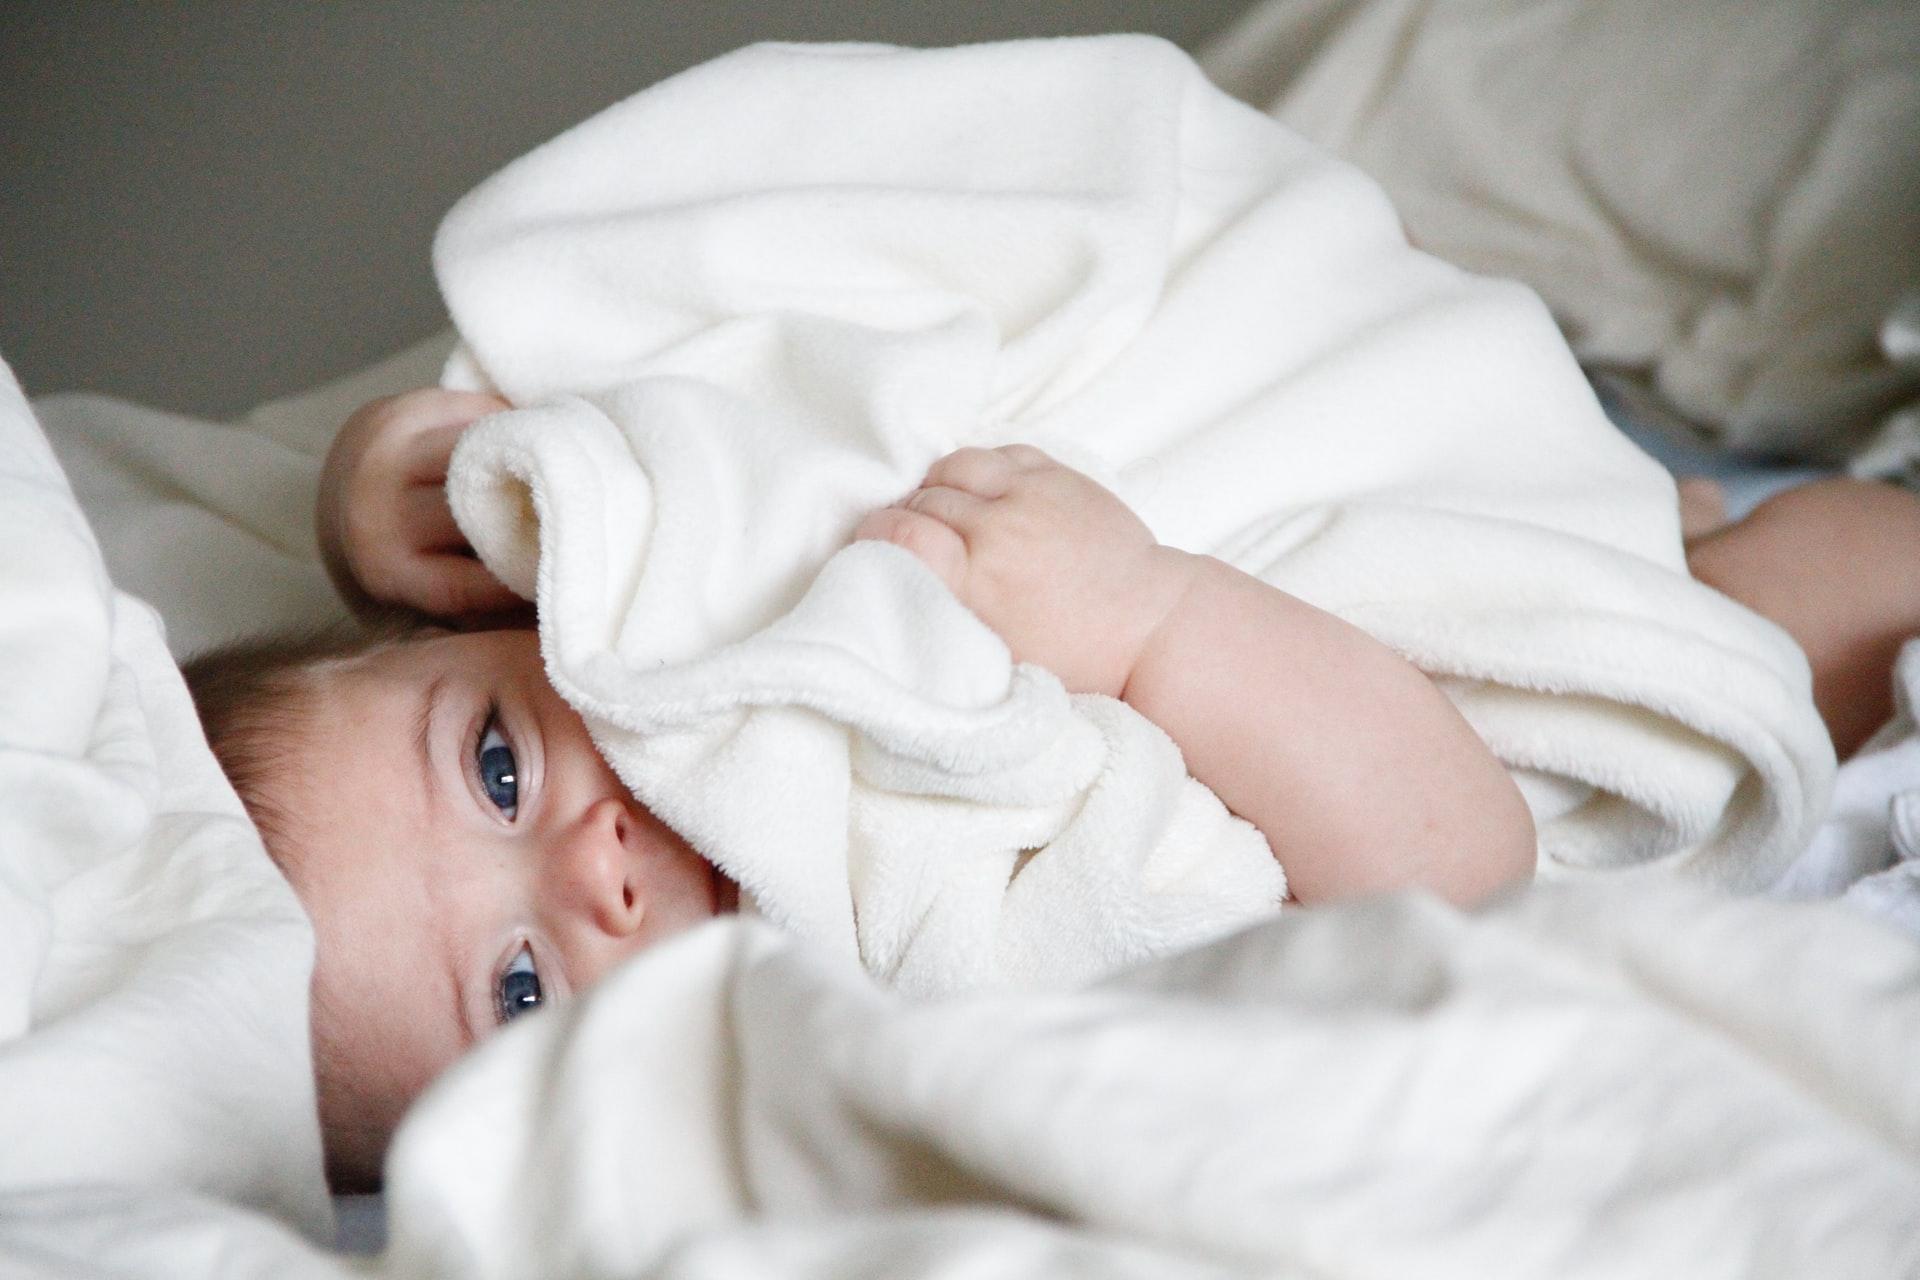 Quand mon bébé sourira-t-il ?